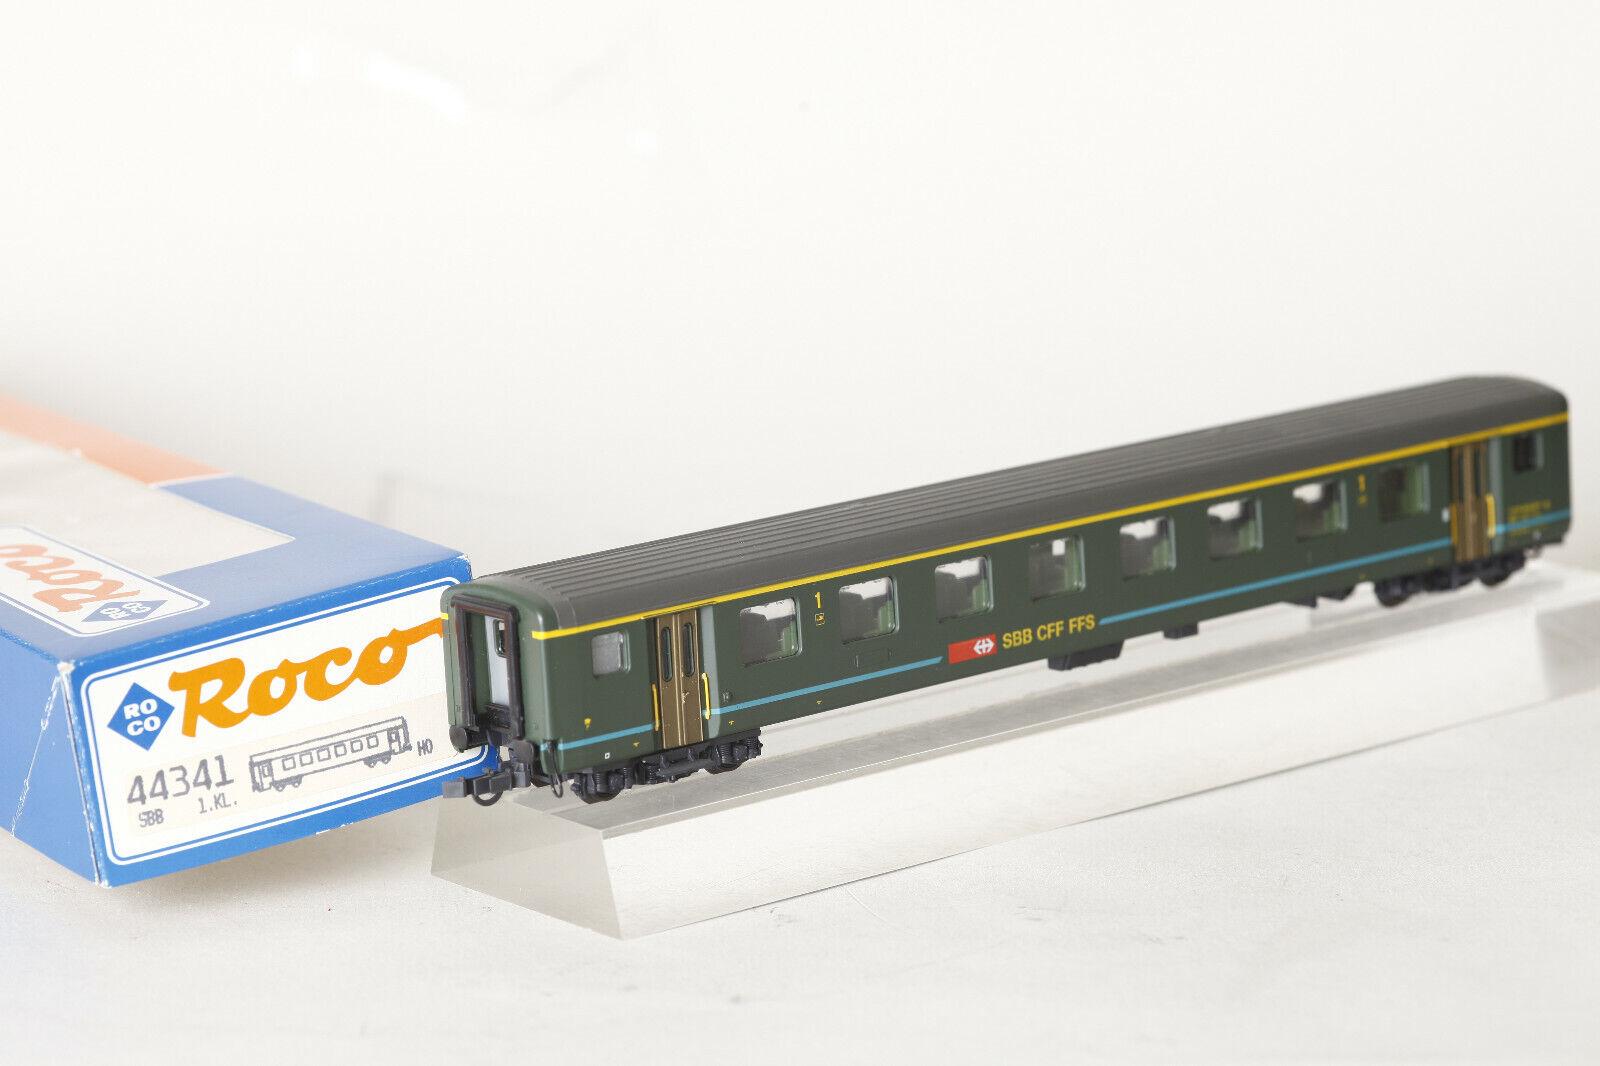 Roco H0 44341 Einheitswagen grün SBB CFF FFS A 50 85 18-33 570-0 Schweiz (79583)